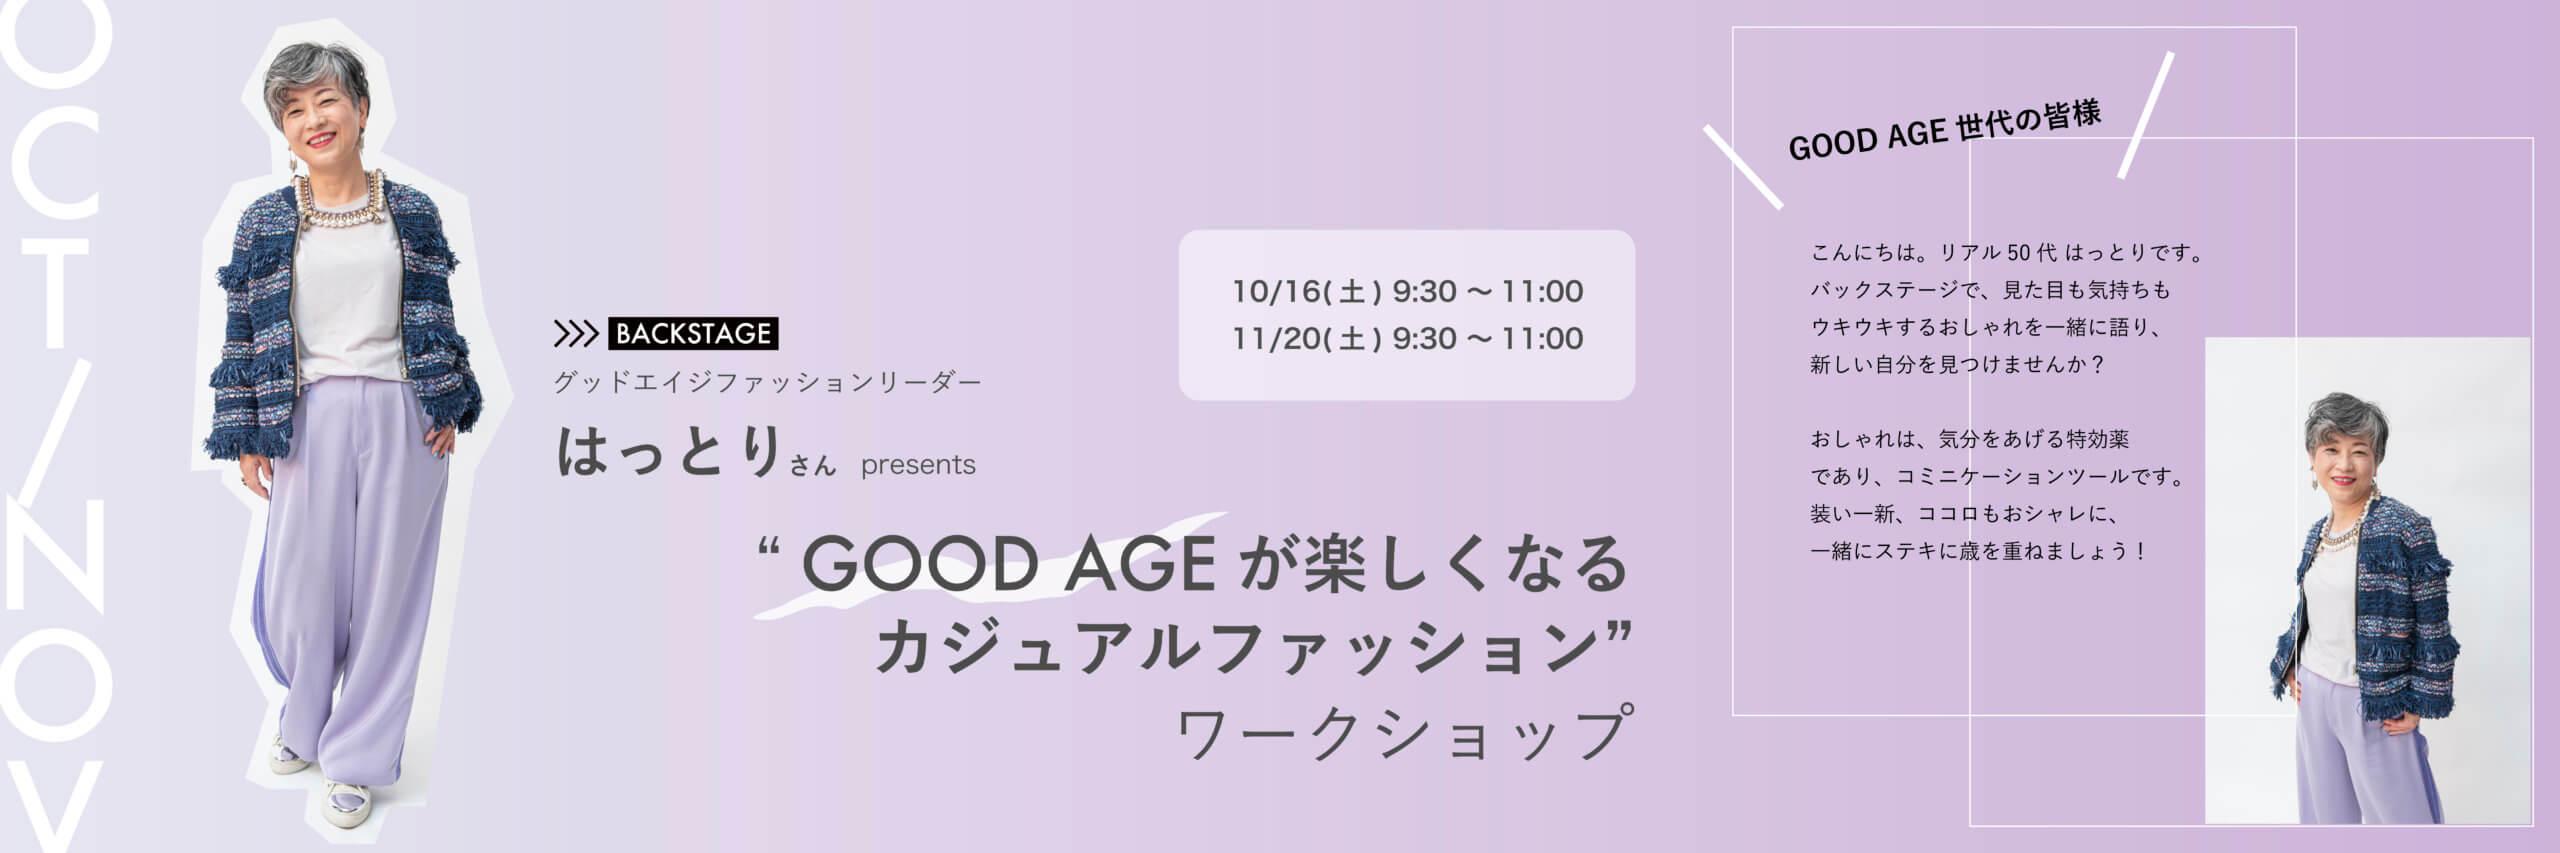 """はっとりさん presents 【""""GOOD AGEが楽しくなるカジュアルファッション"""" ワークショップ】"""